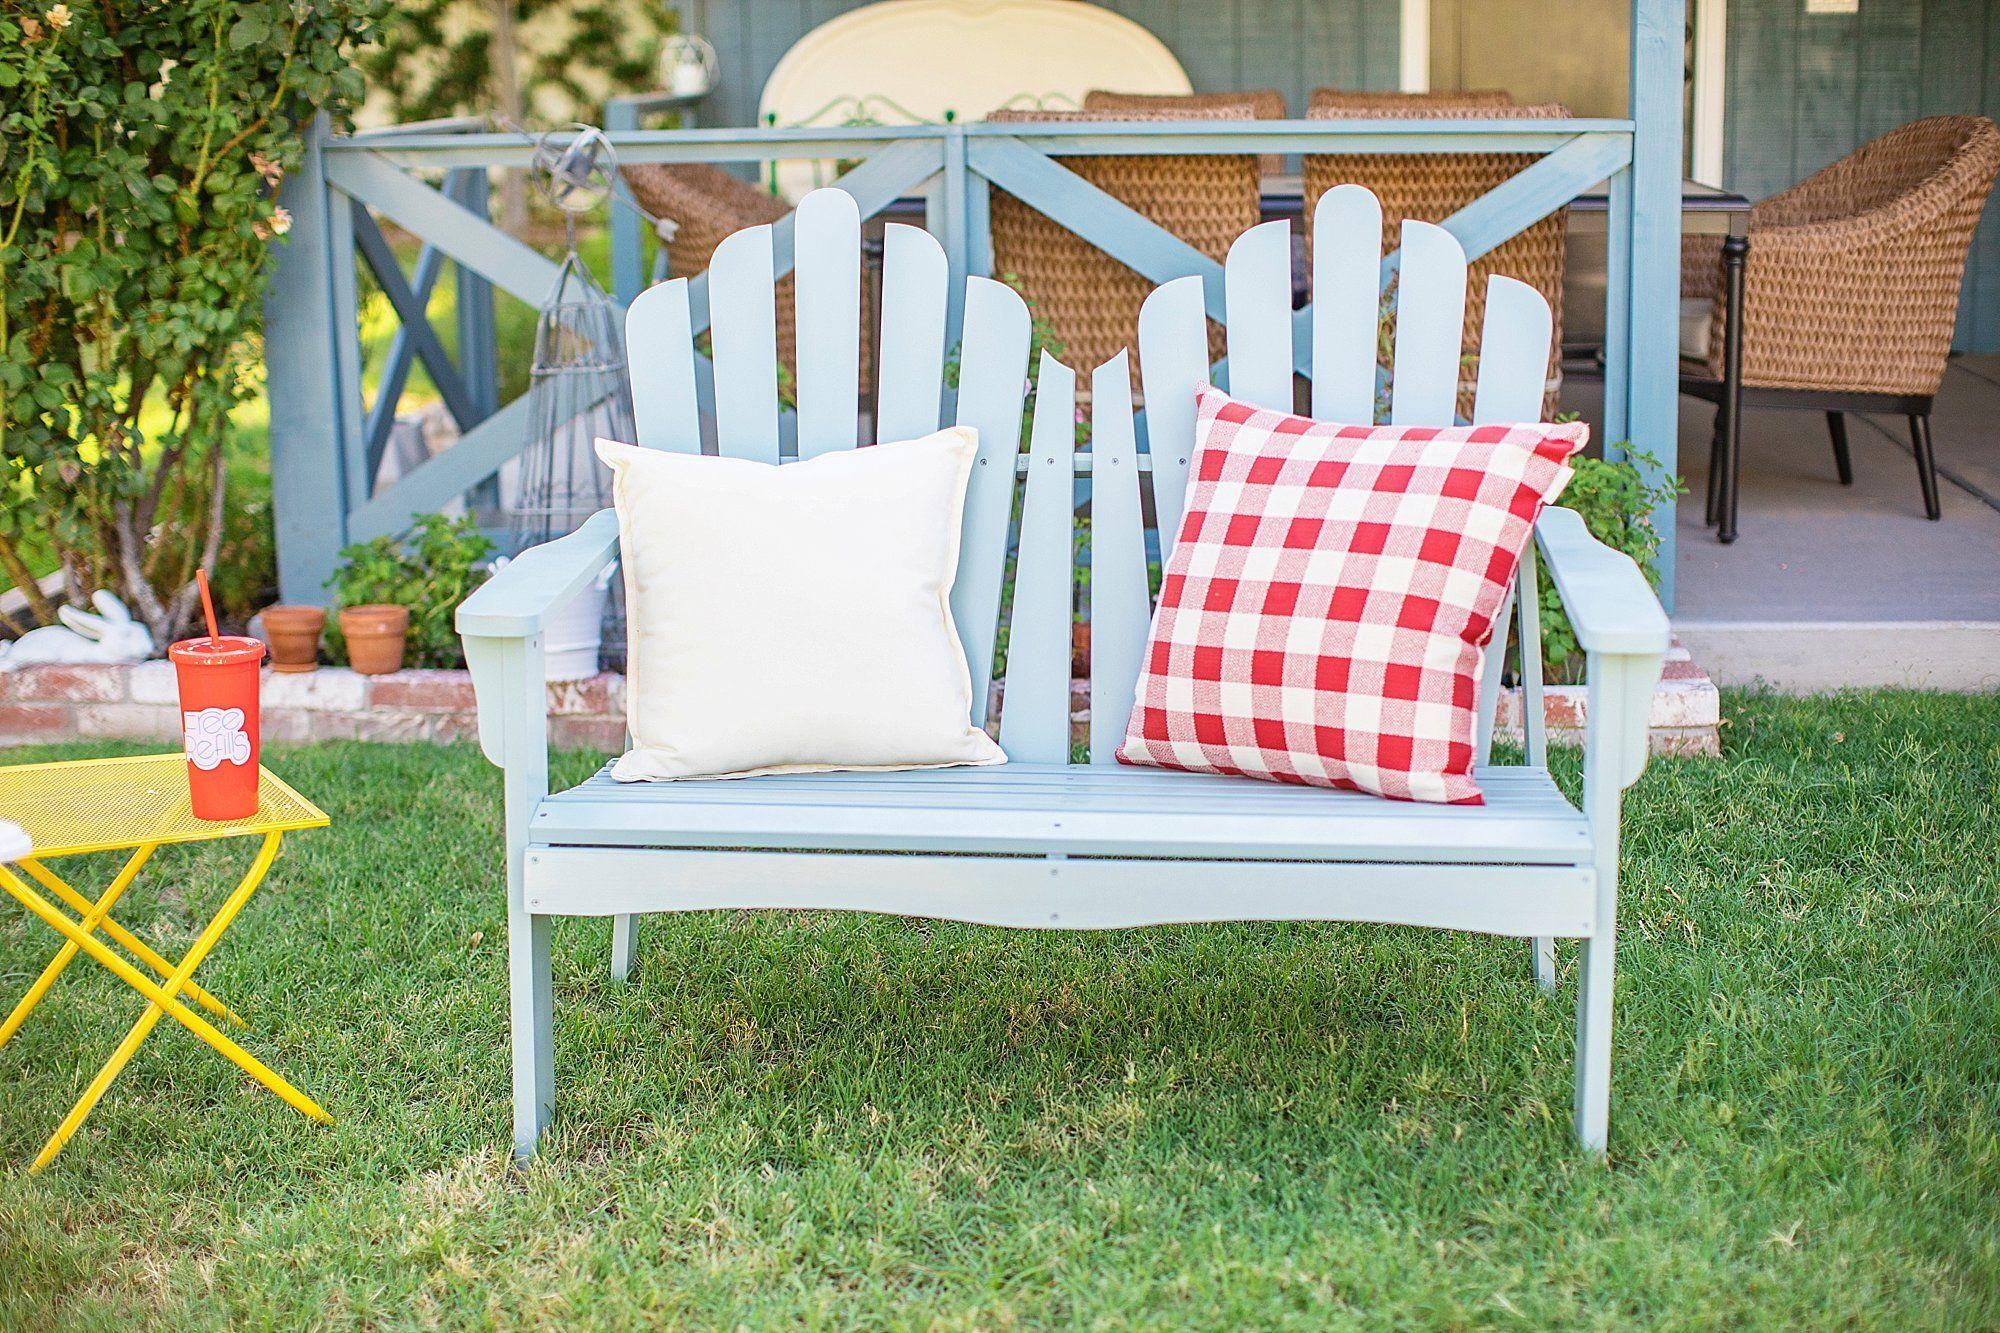 garden bench soft light blue from Wayfair backyard entertaining